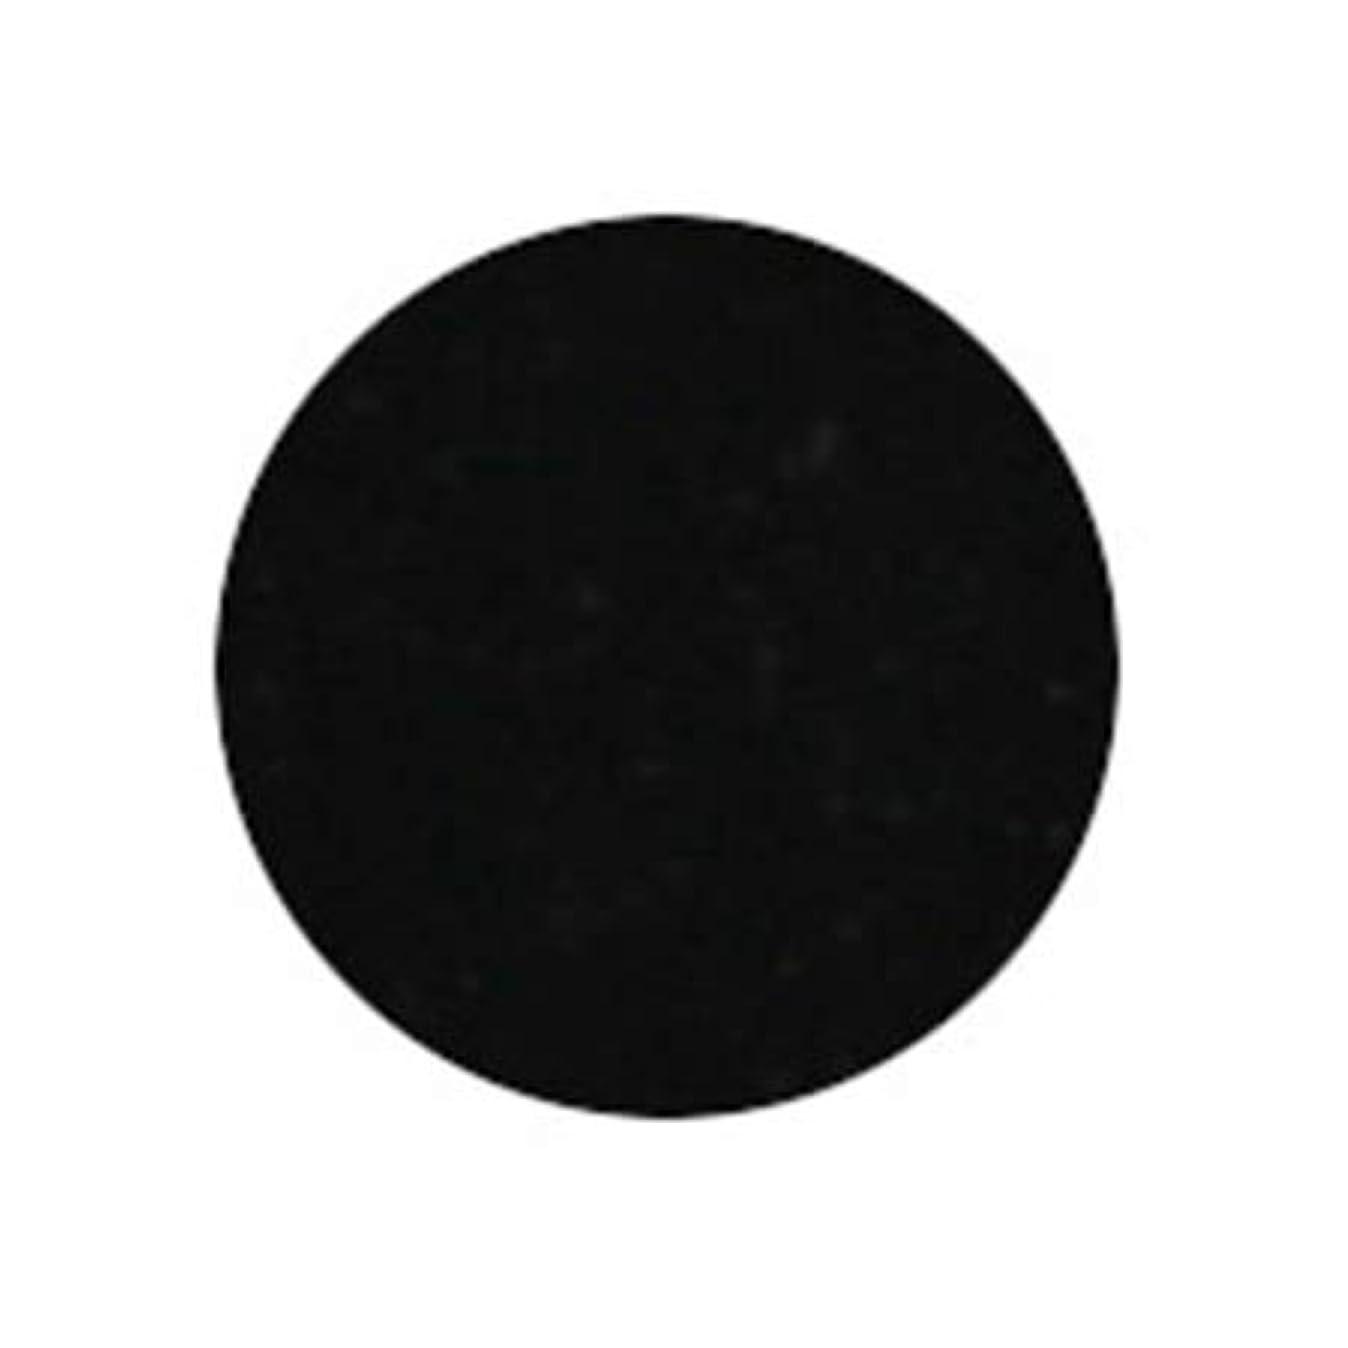 変色するくびれた抜本的なPutiel プティール カラージェル 501 ブラック 4g